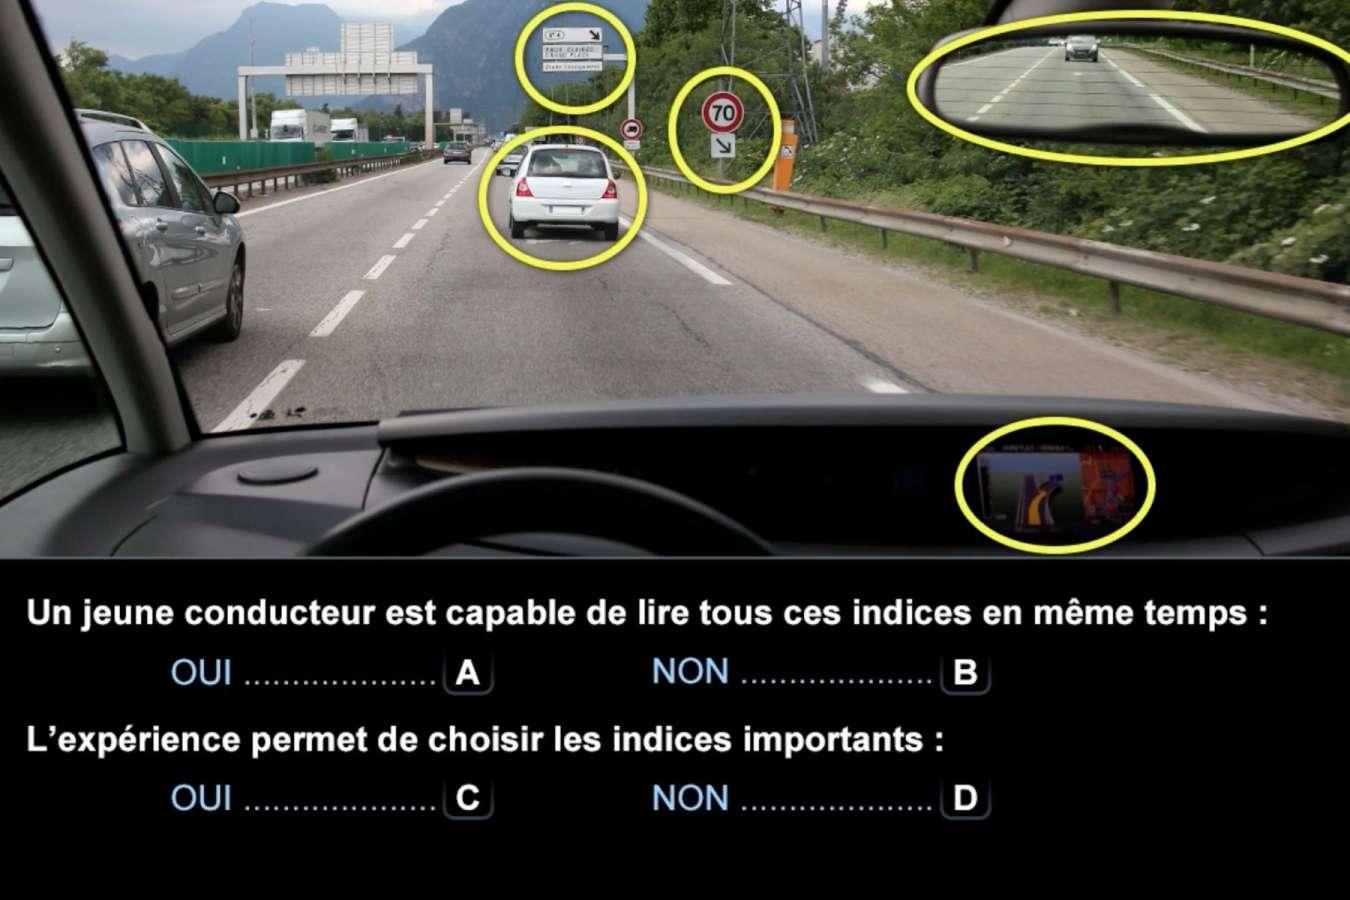 Nouveau code de la route: tous des cancres?